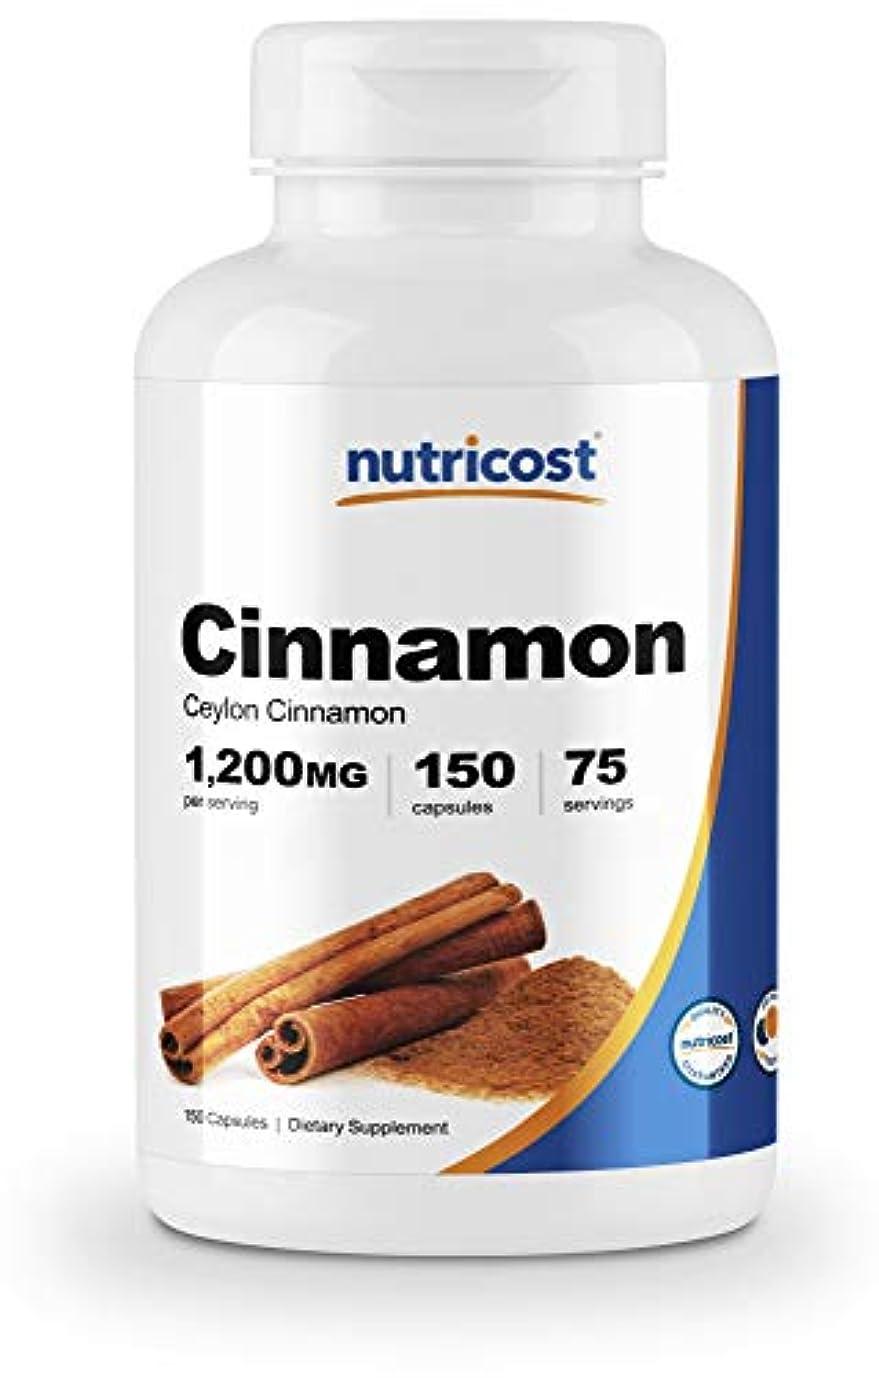 合併リブ卒業Nutricost シナモン (セイロンシナモン) 1,200mg、150植物性カプセル、非GMO、グルテンフリー